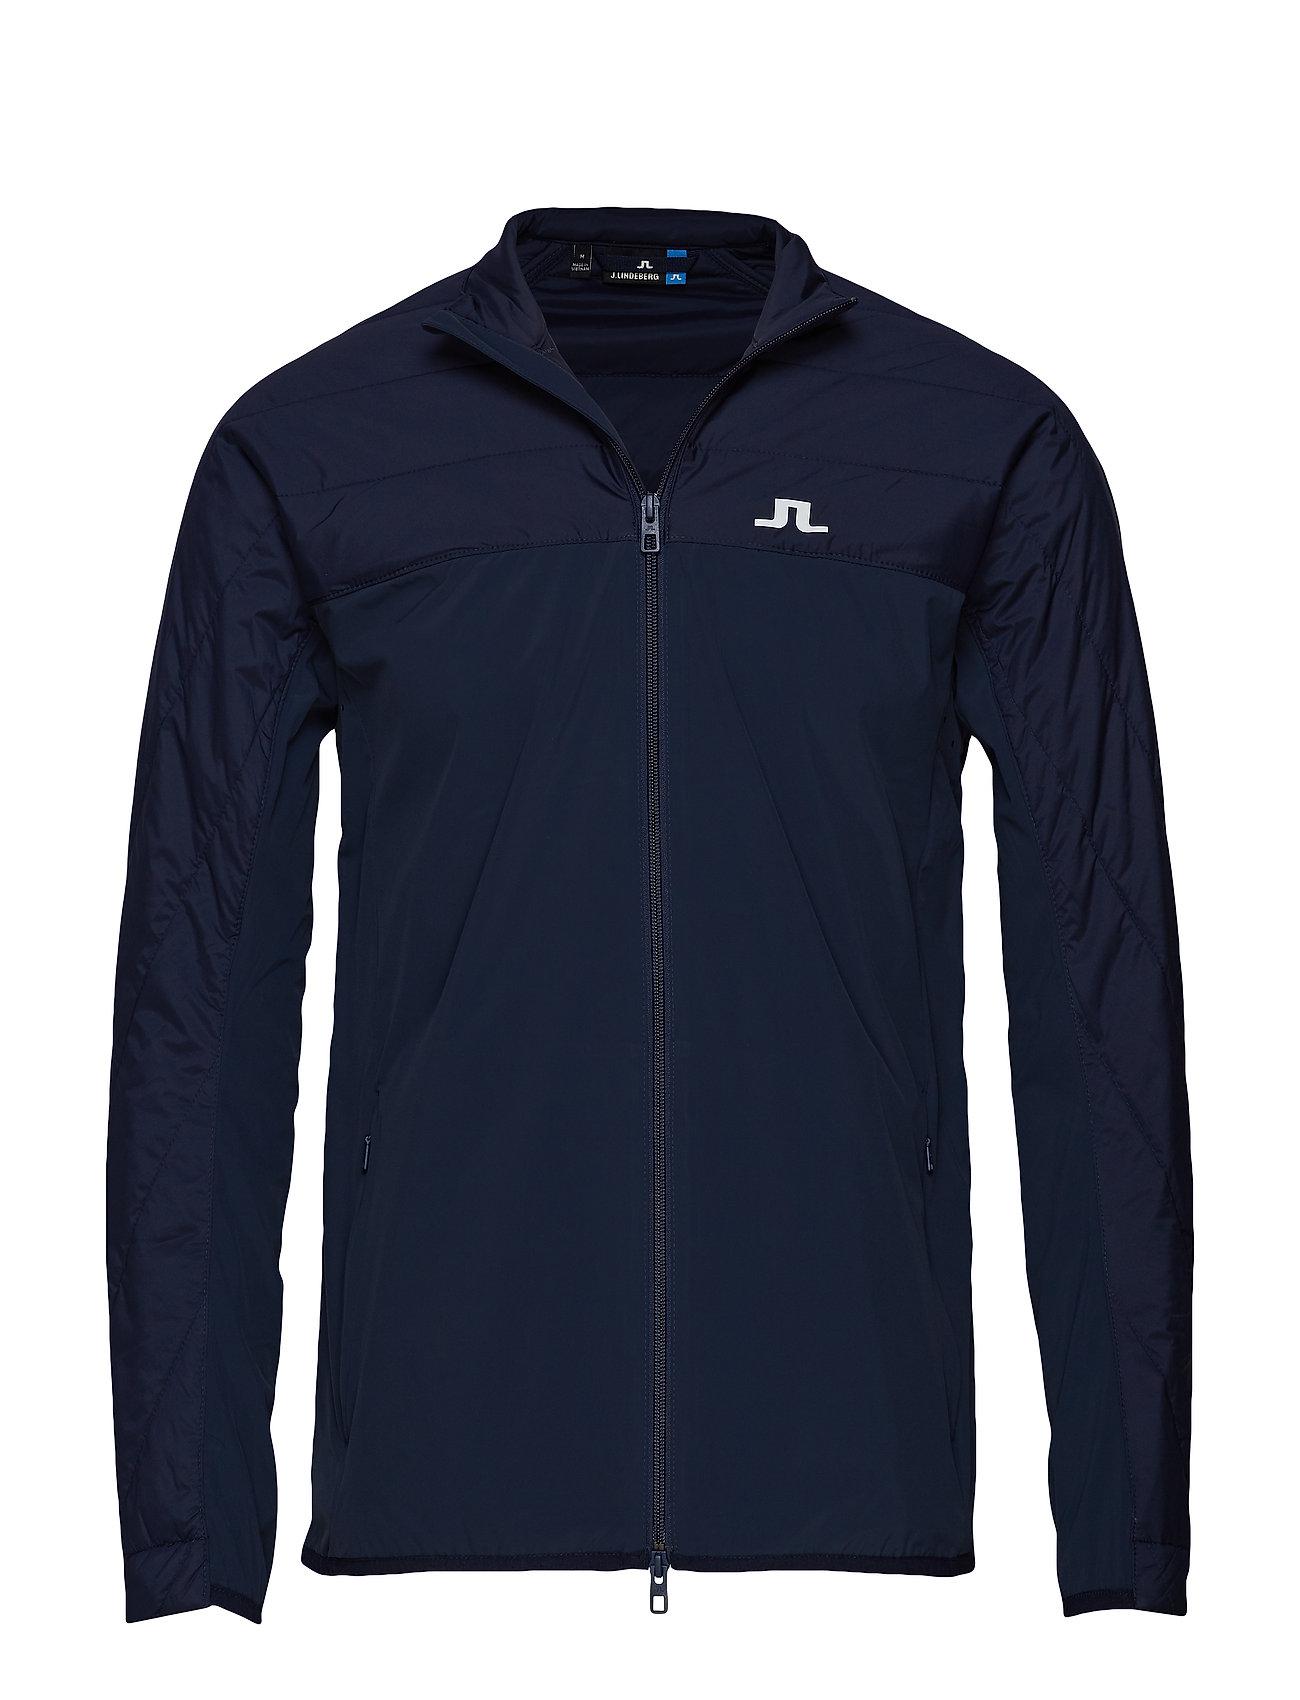 Winter Hybrid Jacket-lux Softs (Jl Navy) (1140 zł) - J